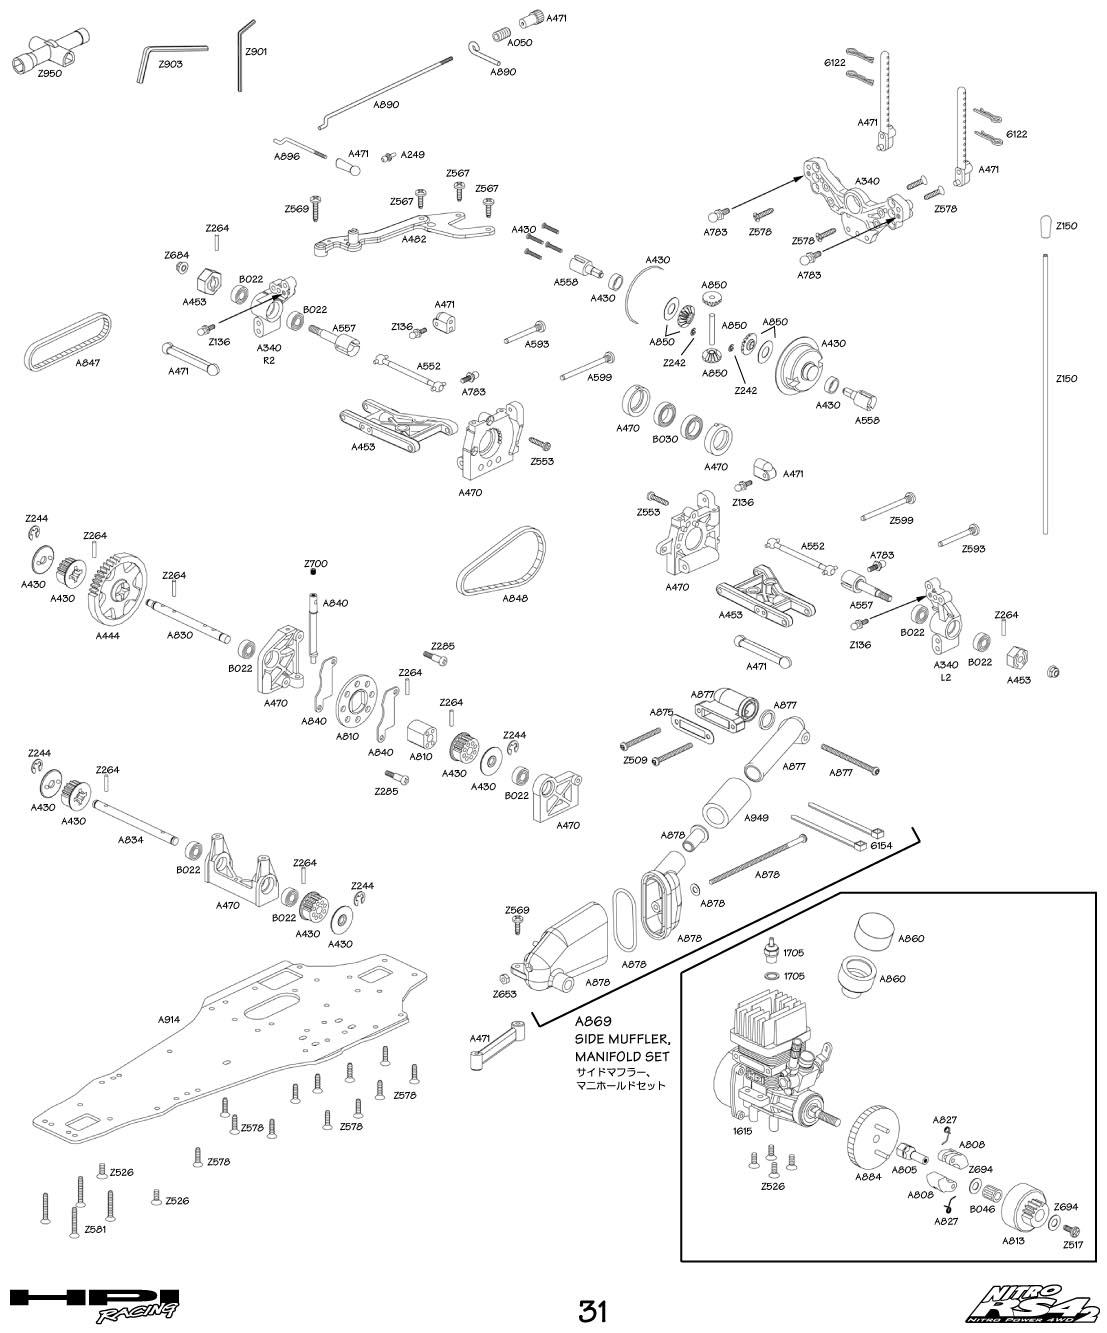 Hpi Rs4 Parts Diagram